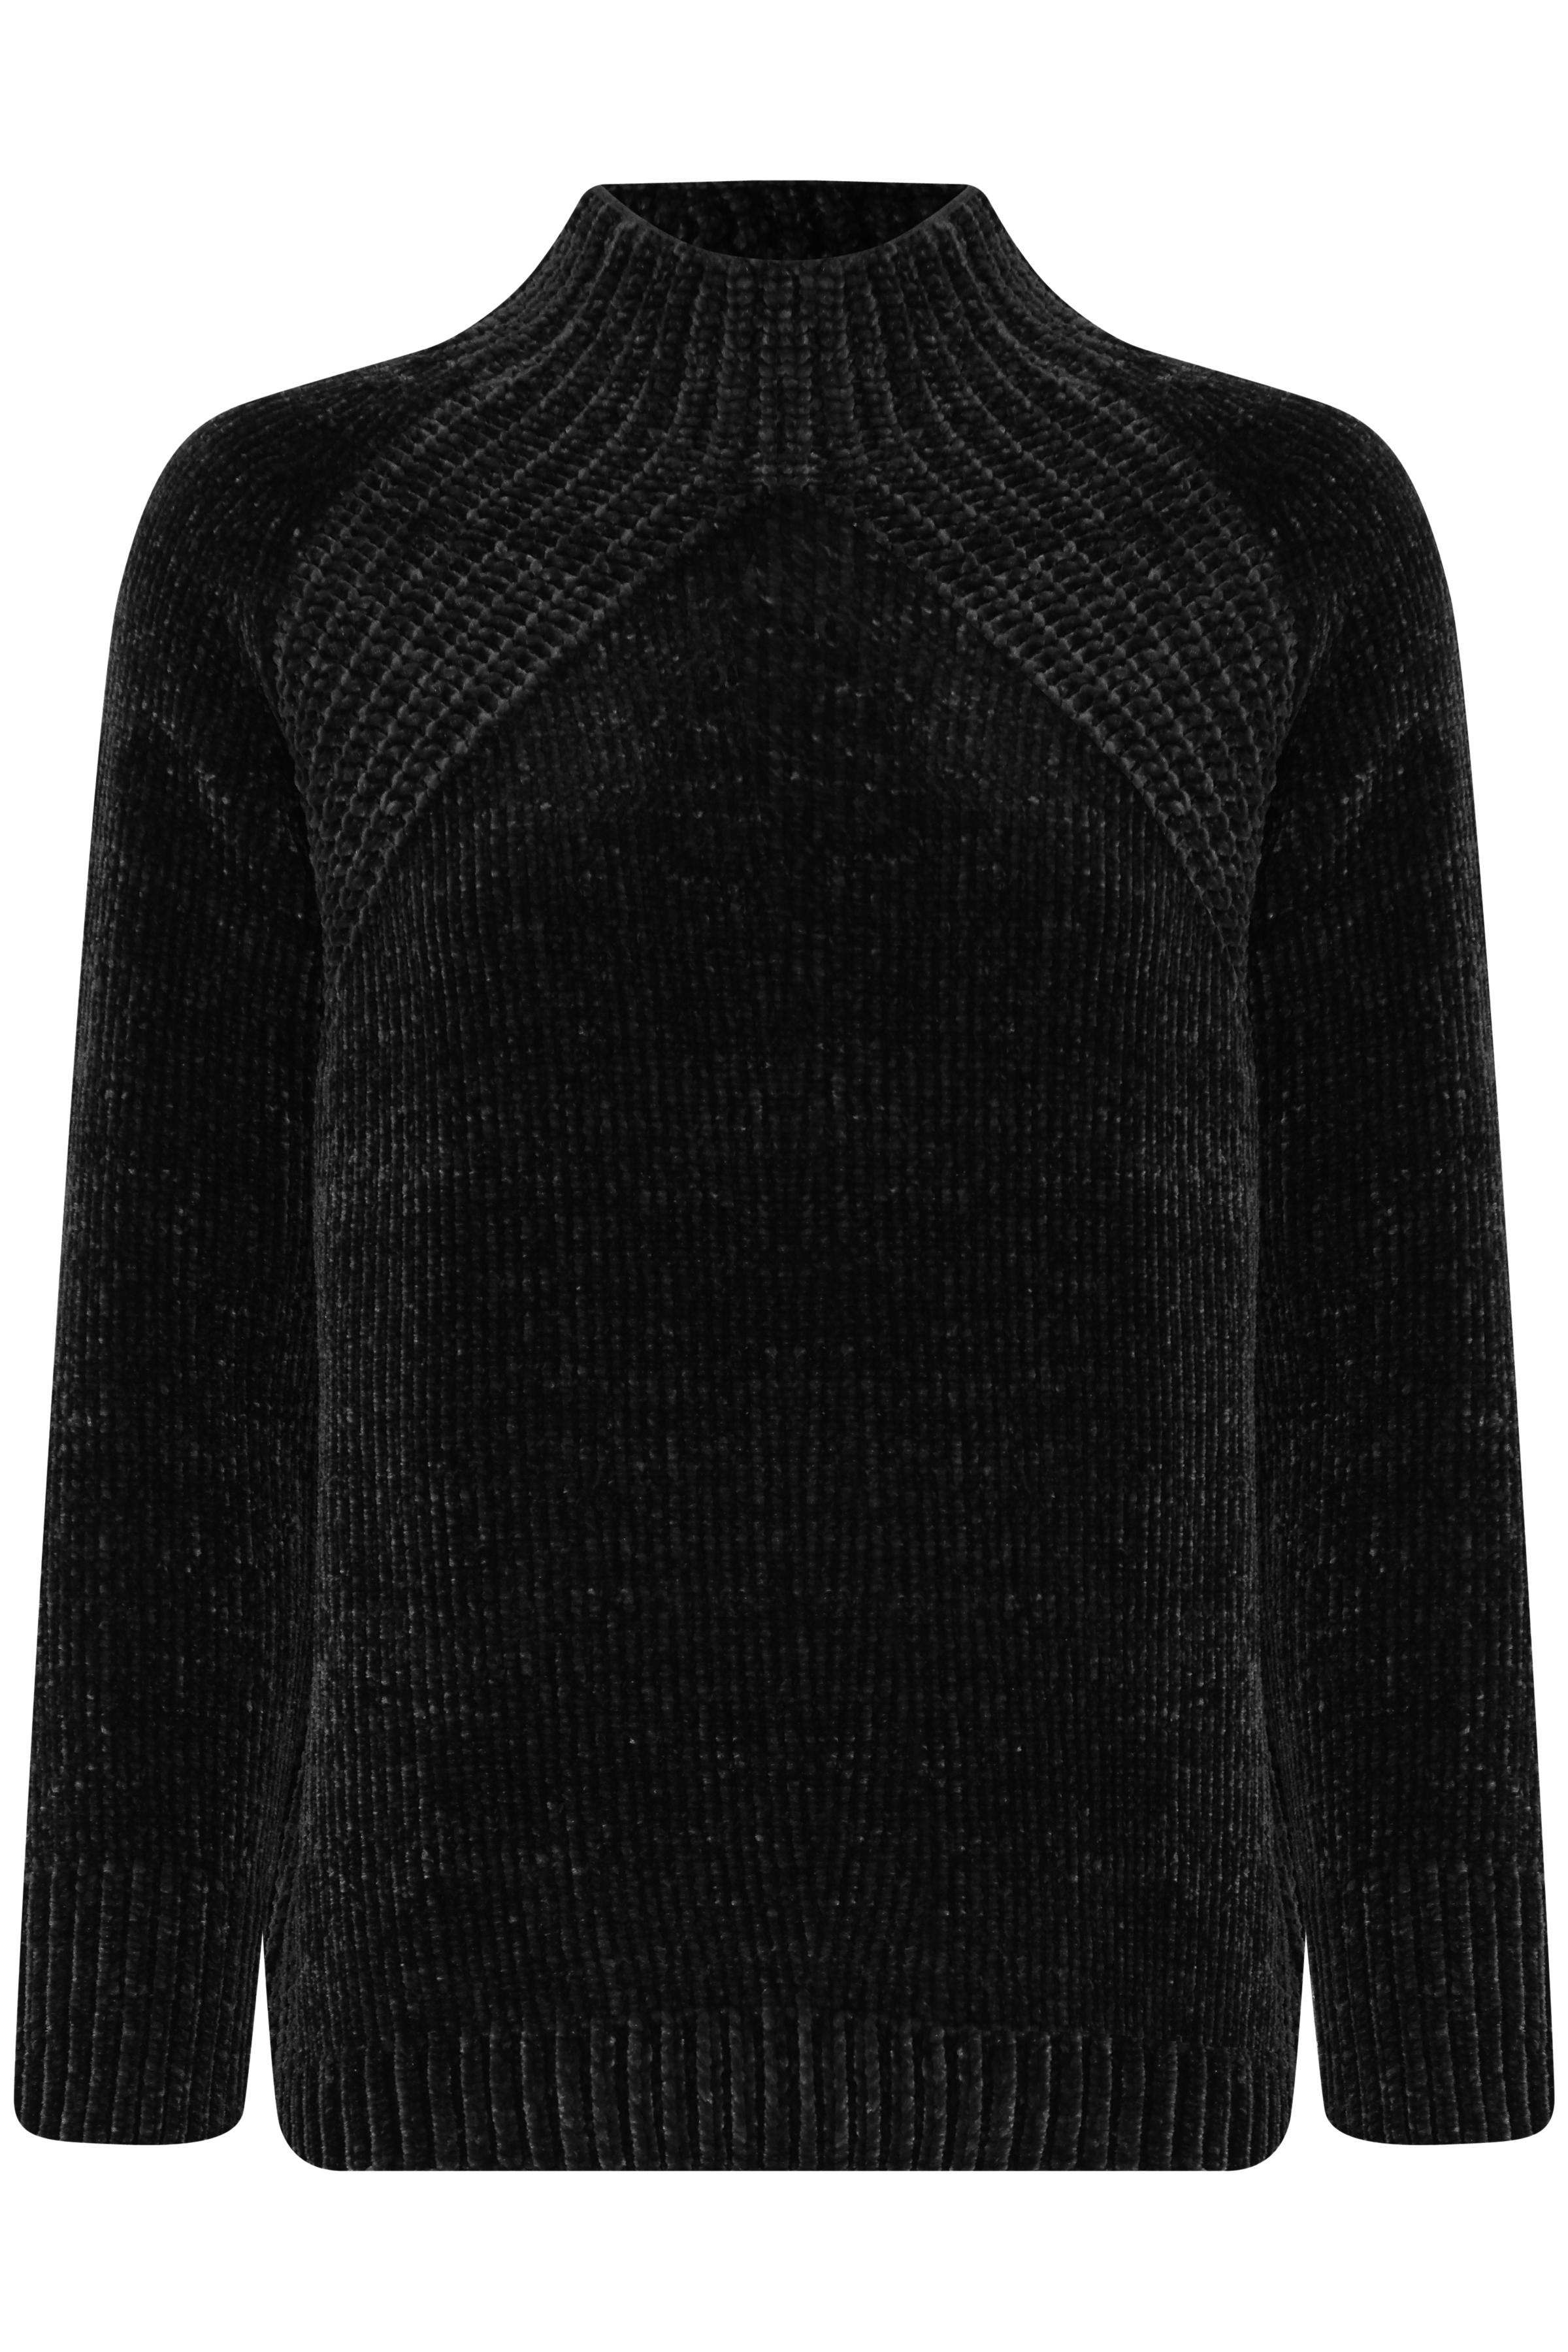 Black Strickpullover von b.young – Kaufen Sie Black Strickpullover aus Größe XS-XL hier